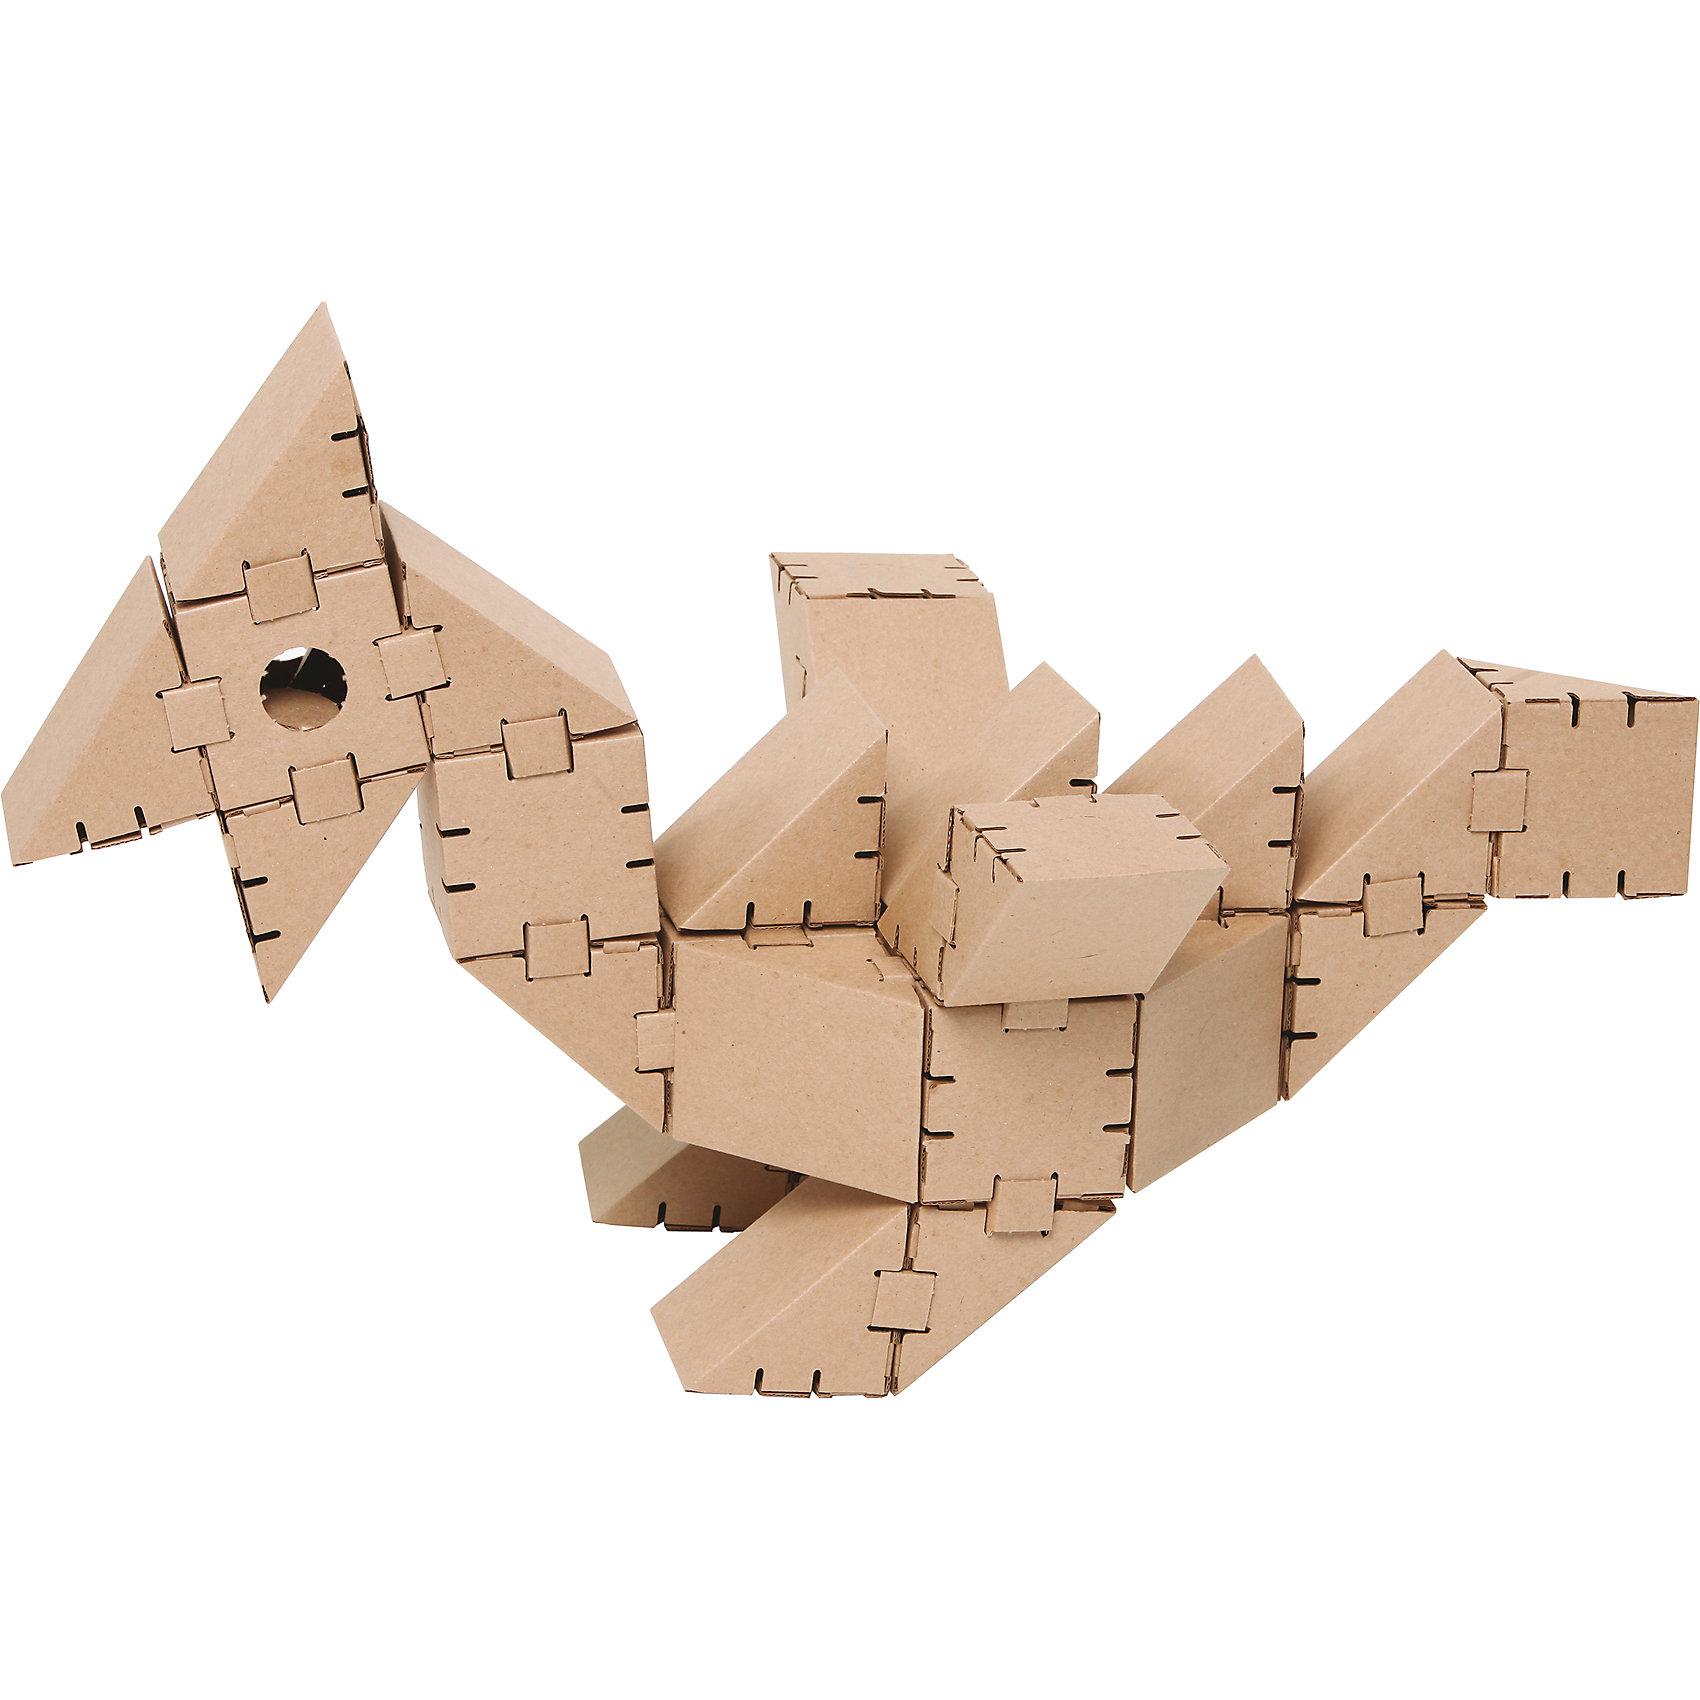 Картонный конструктор Динозавр Птеро, Yohocube1 кубик = 8см<br><br>Ширина мм: 370<br>Глубина мм: 310<br>Высота мм: 55<br>Вес г: 800<br>Возраст от месяцев: 72<br>Возраст до месяцев: 144<br>Пол: Унисекс<br>Возраст: Детский<br>SKU: 5154031